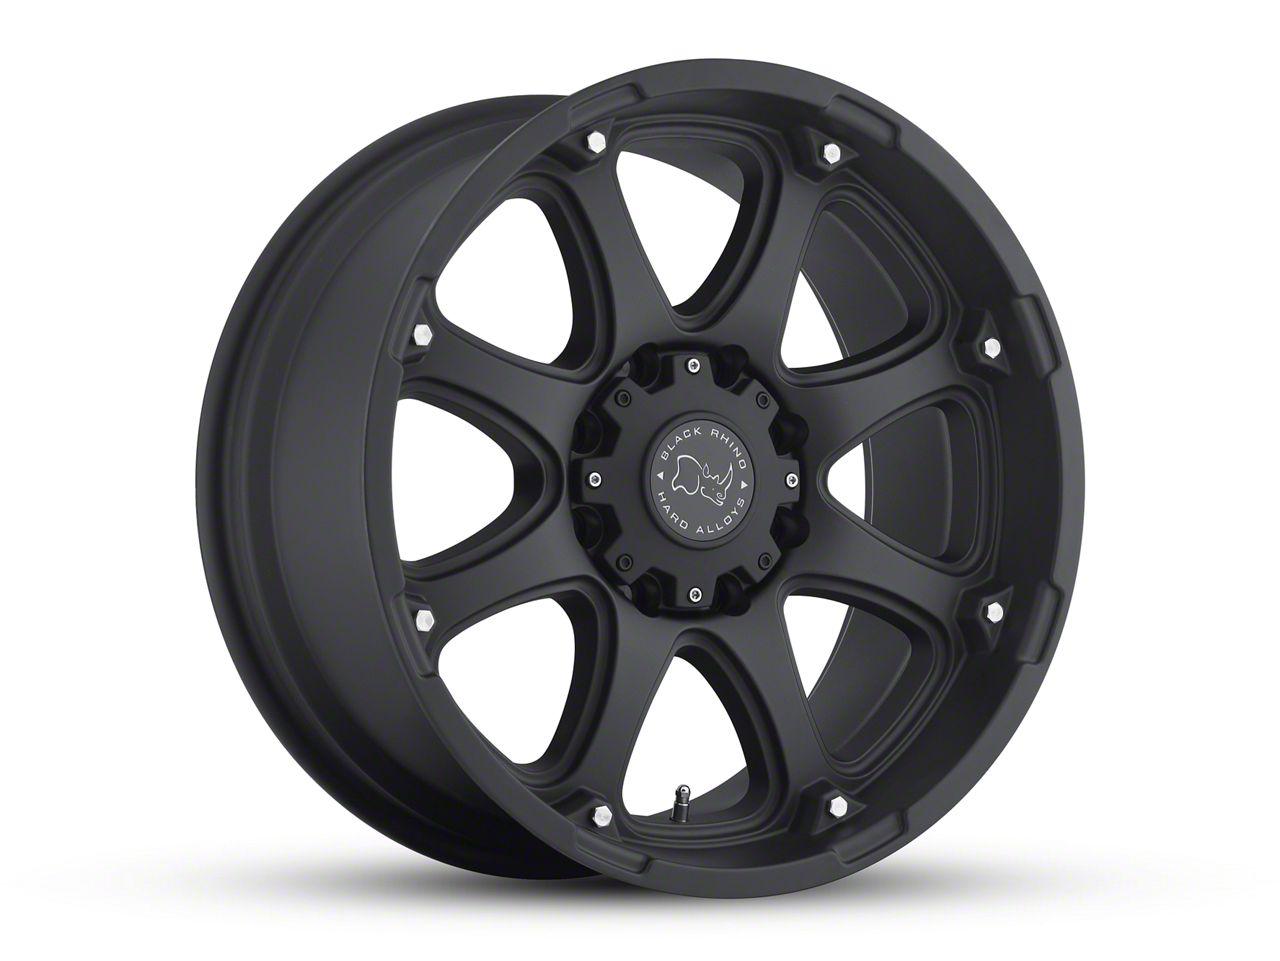 Black Rhino Glamis Matte Black 6-Lug Wheel - 17x9 (07-18 Sierra 1500)